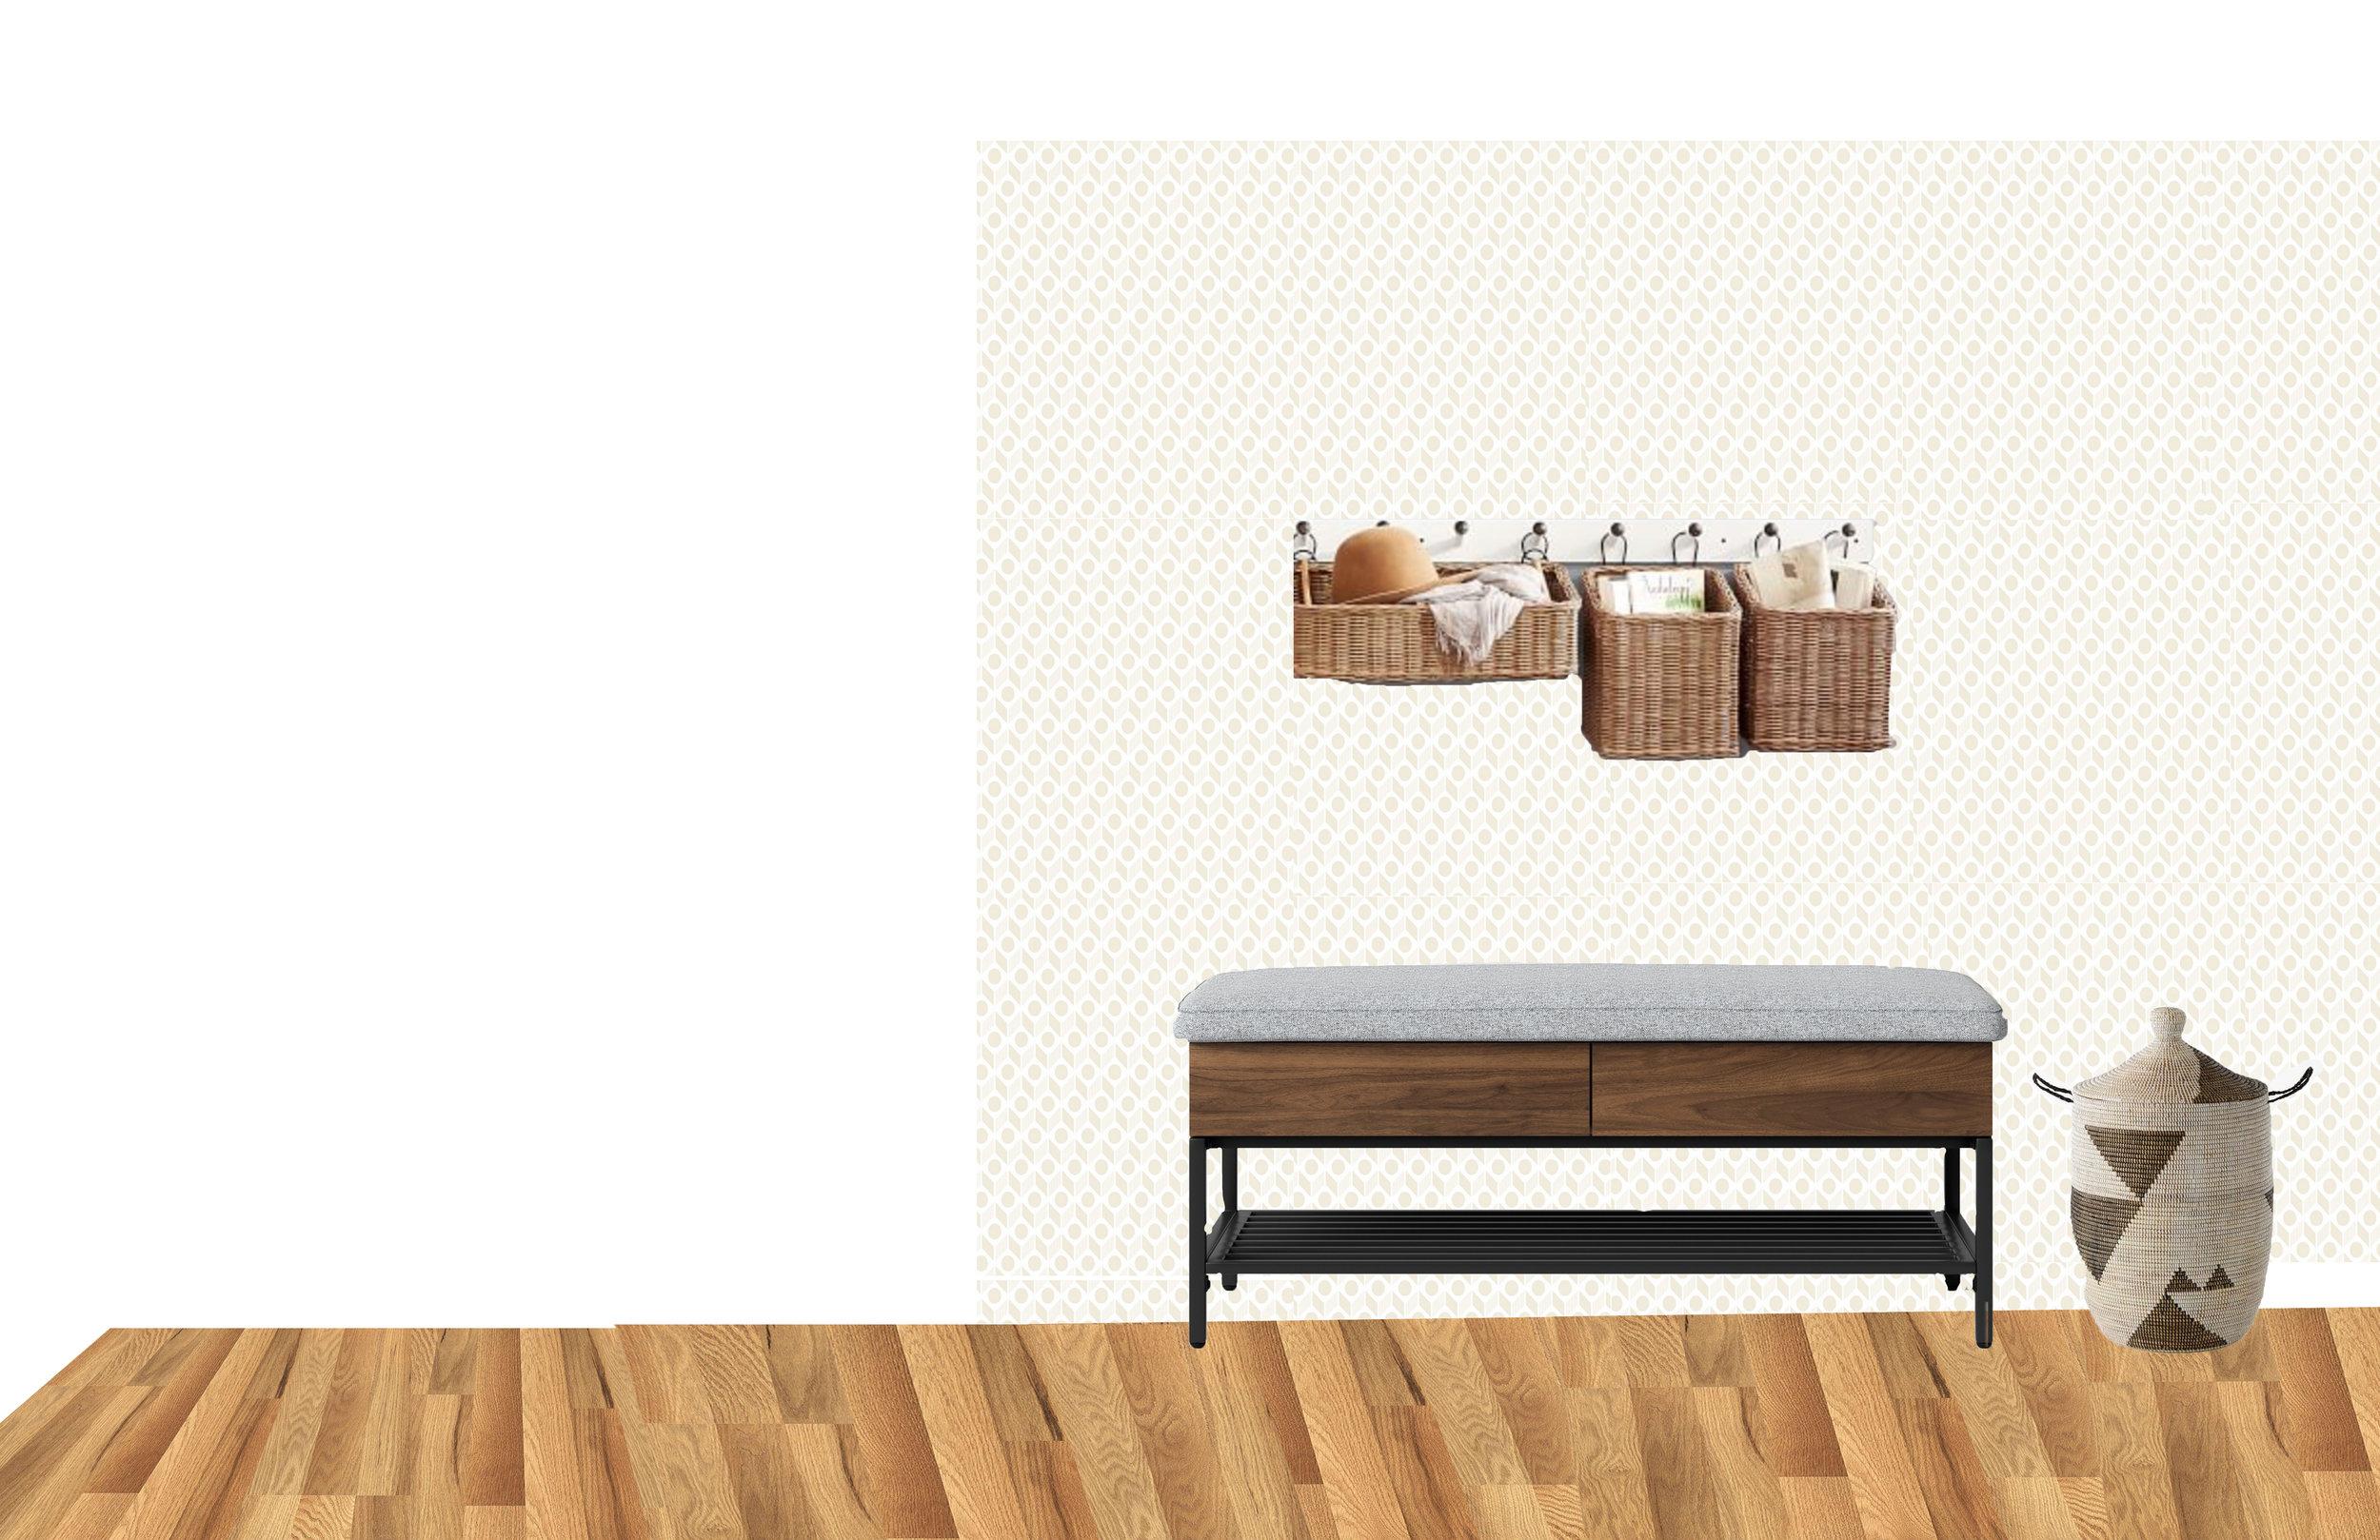 Board-Dining2.jpg